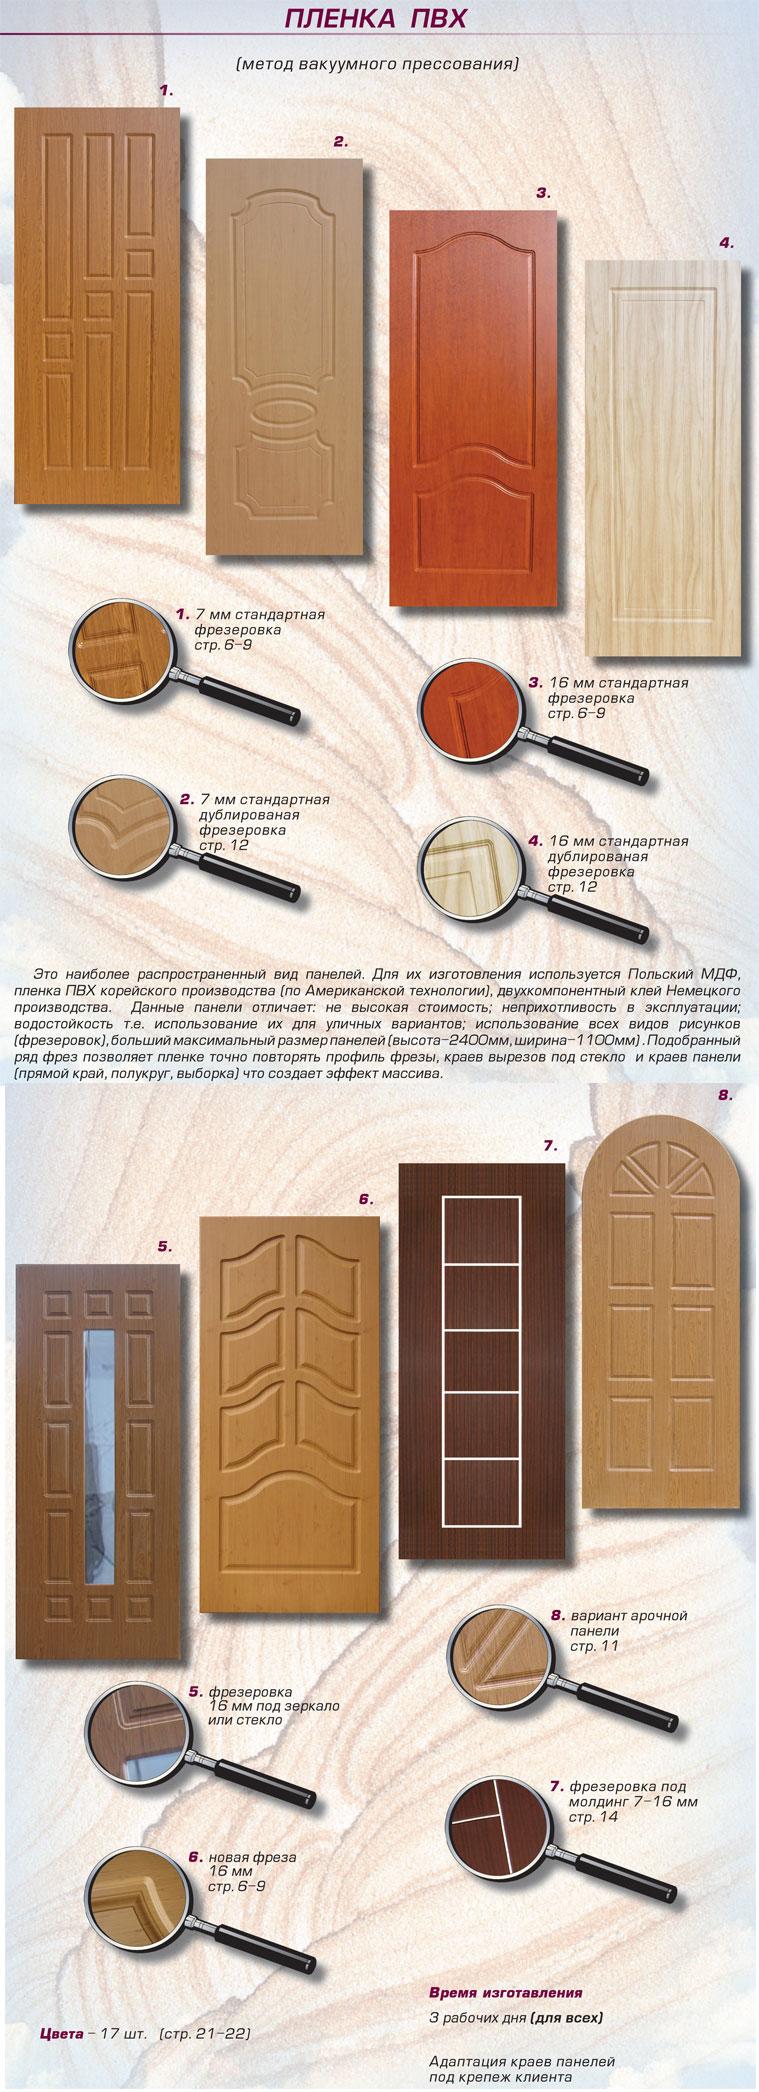 стальные двери с пленкой пвх